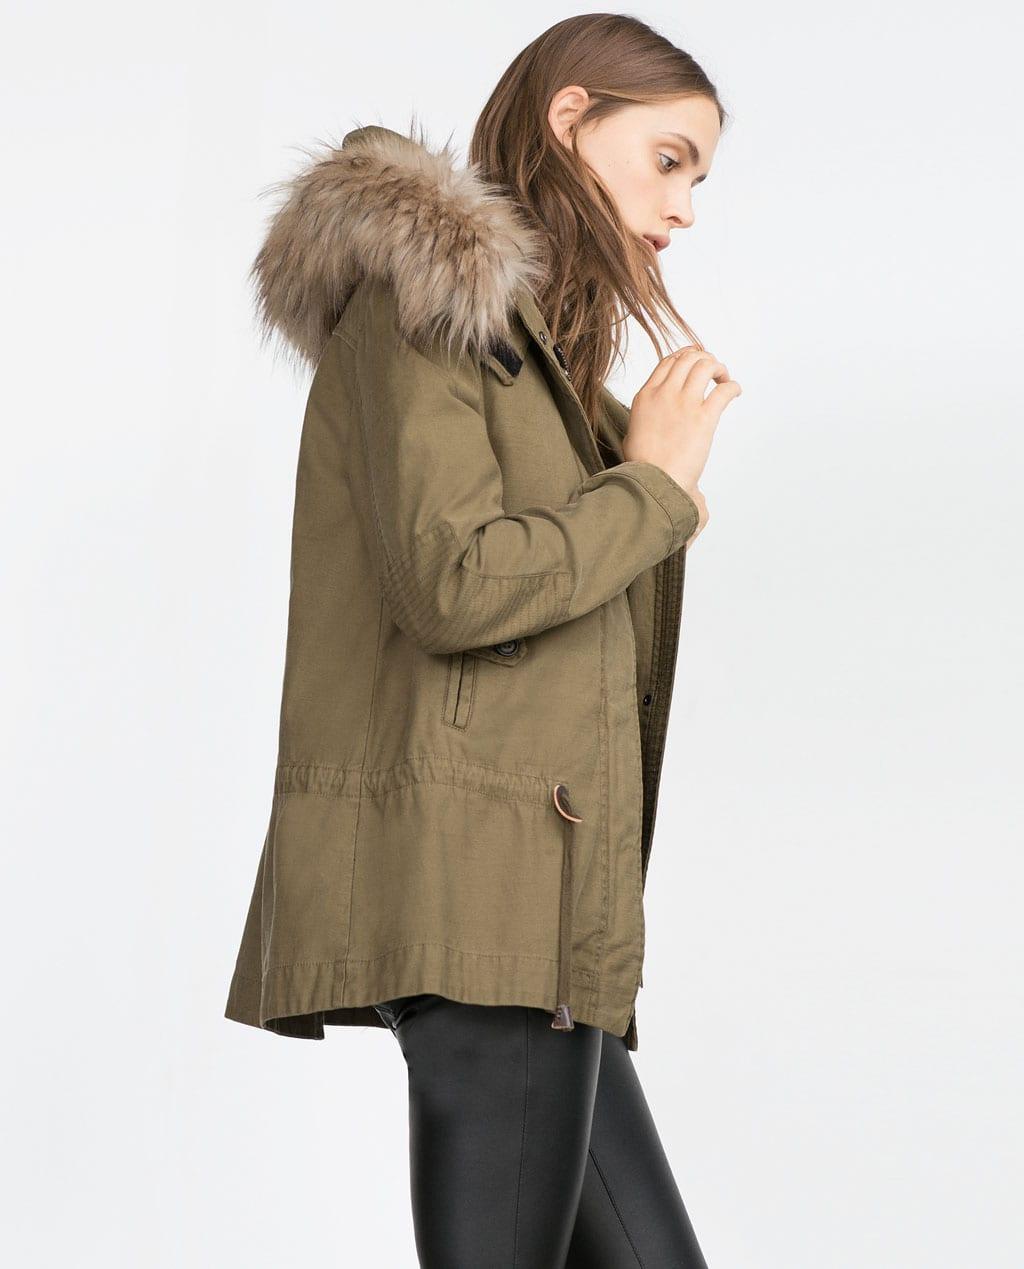 f9f7bb6843d2e Le mieux est de même trouver un modèle avec une capuche détachable, ainsi  on a deux vêtement en un   une veste army de mi-saison et une parka hiver  avec ...